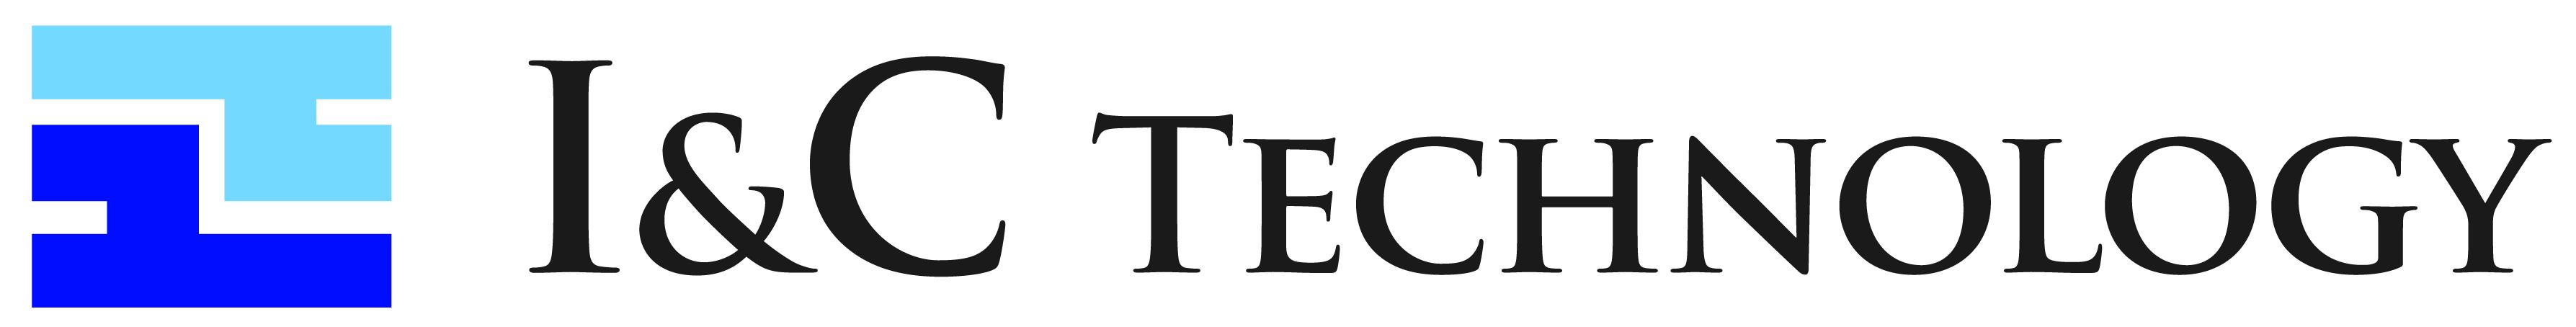 I&CTechnology Main Image